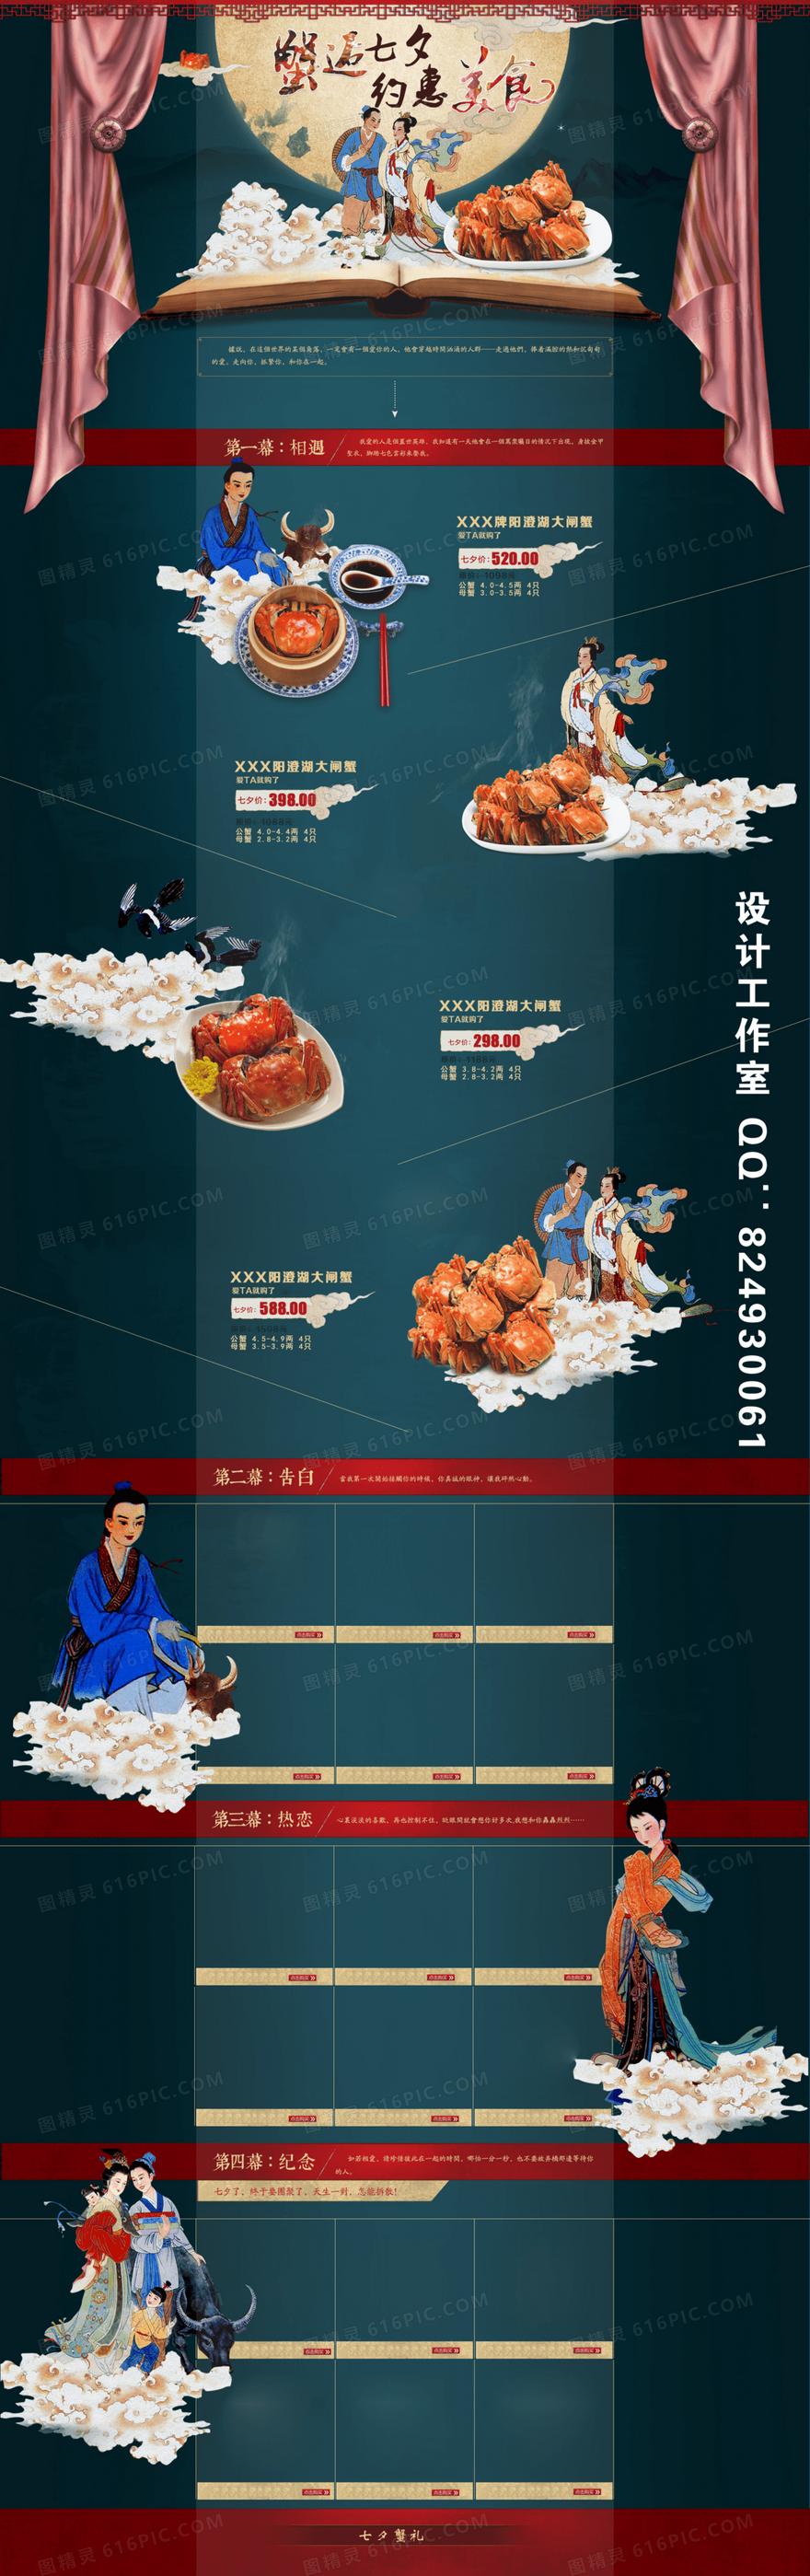 淘宝中秋七夕首页背景模板